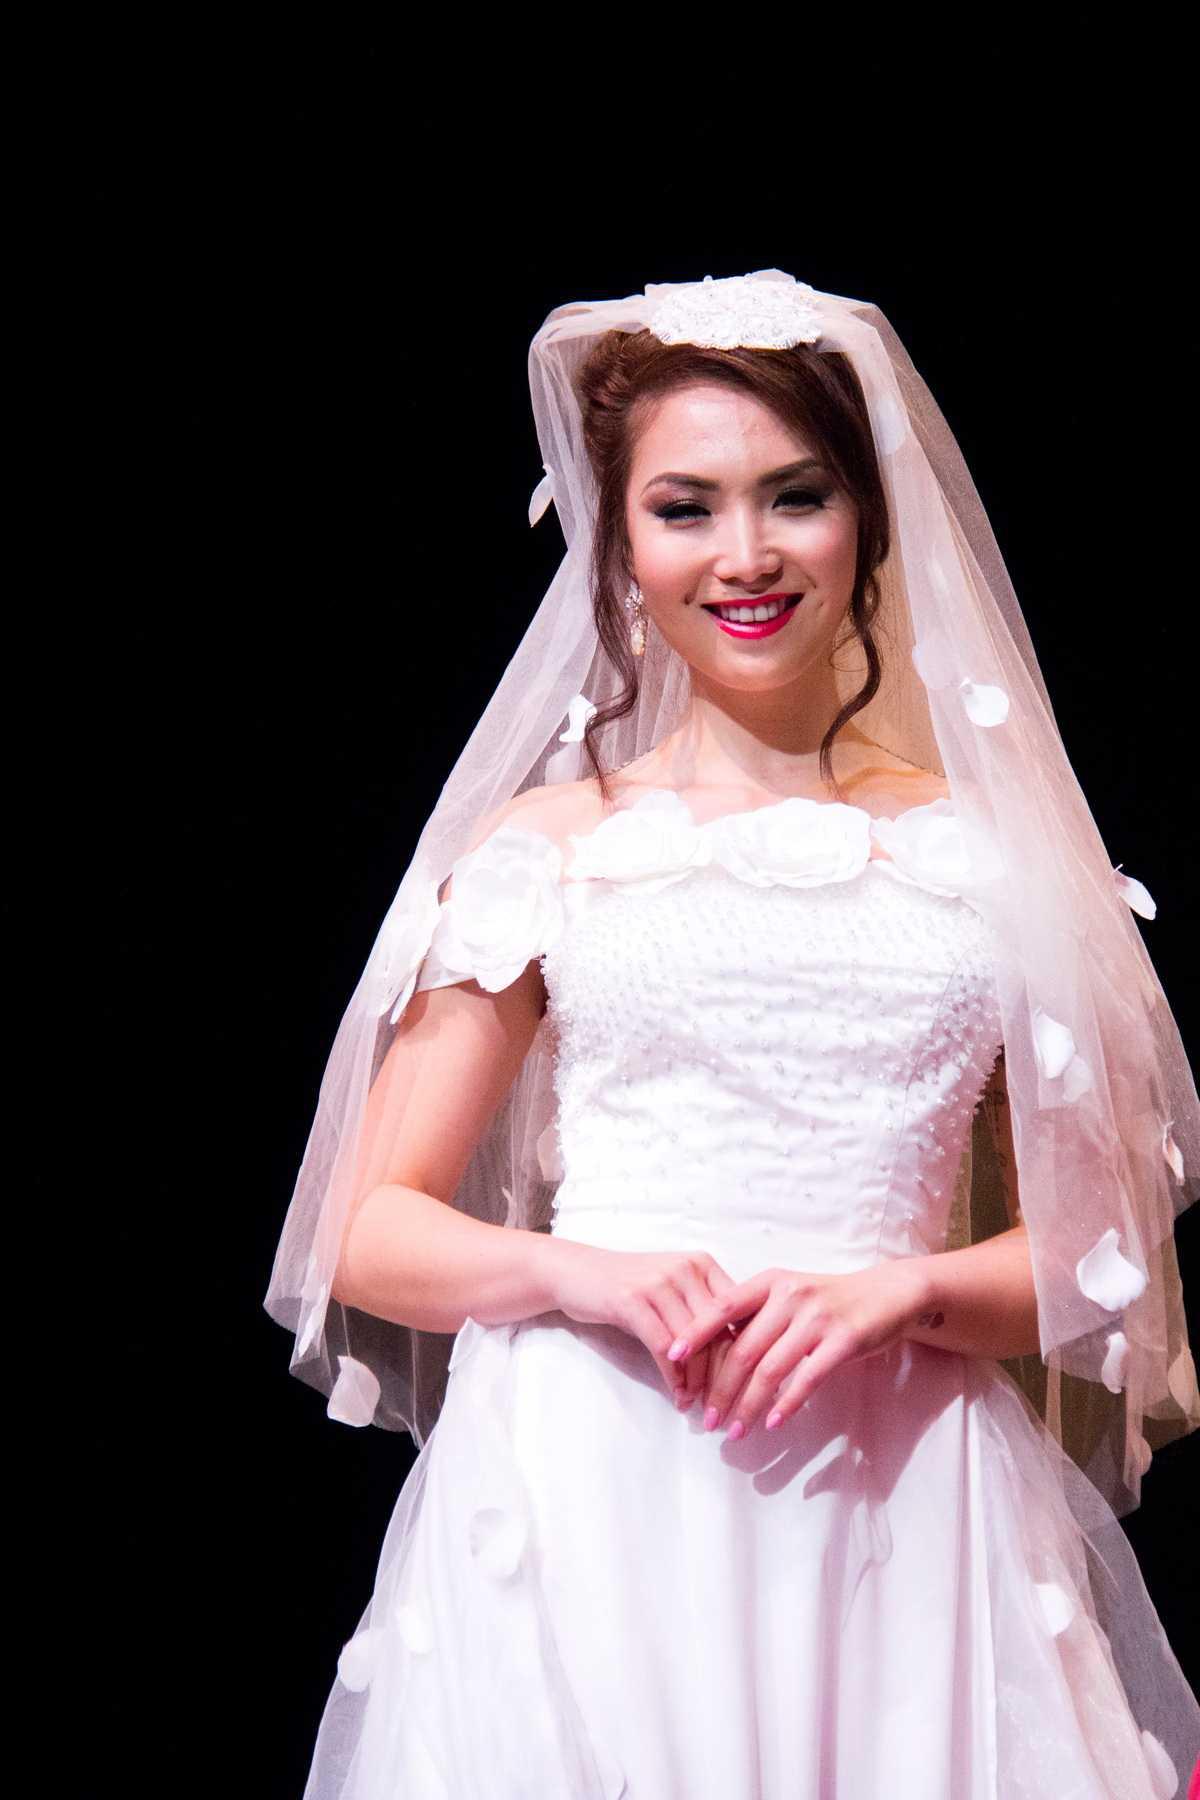 Cô nàng đang rất kì vọng vào một thành tích cao để mang lại niềm tự hào cho cộng đồng người Việt đang sinh sống và làm việc tại Mỹ